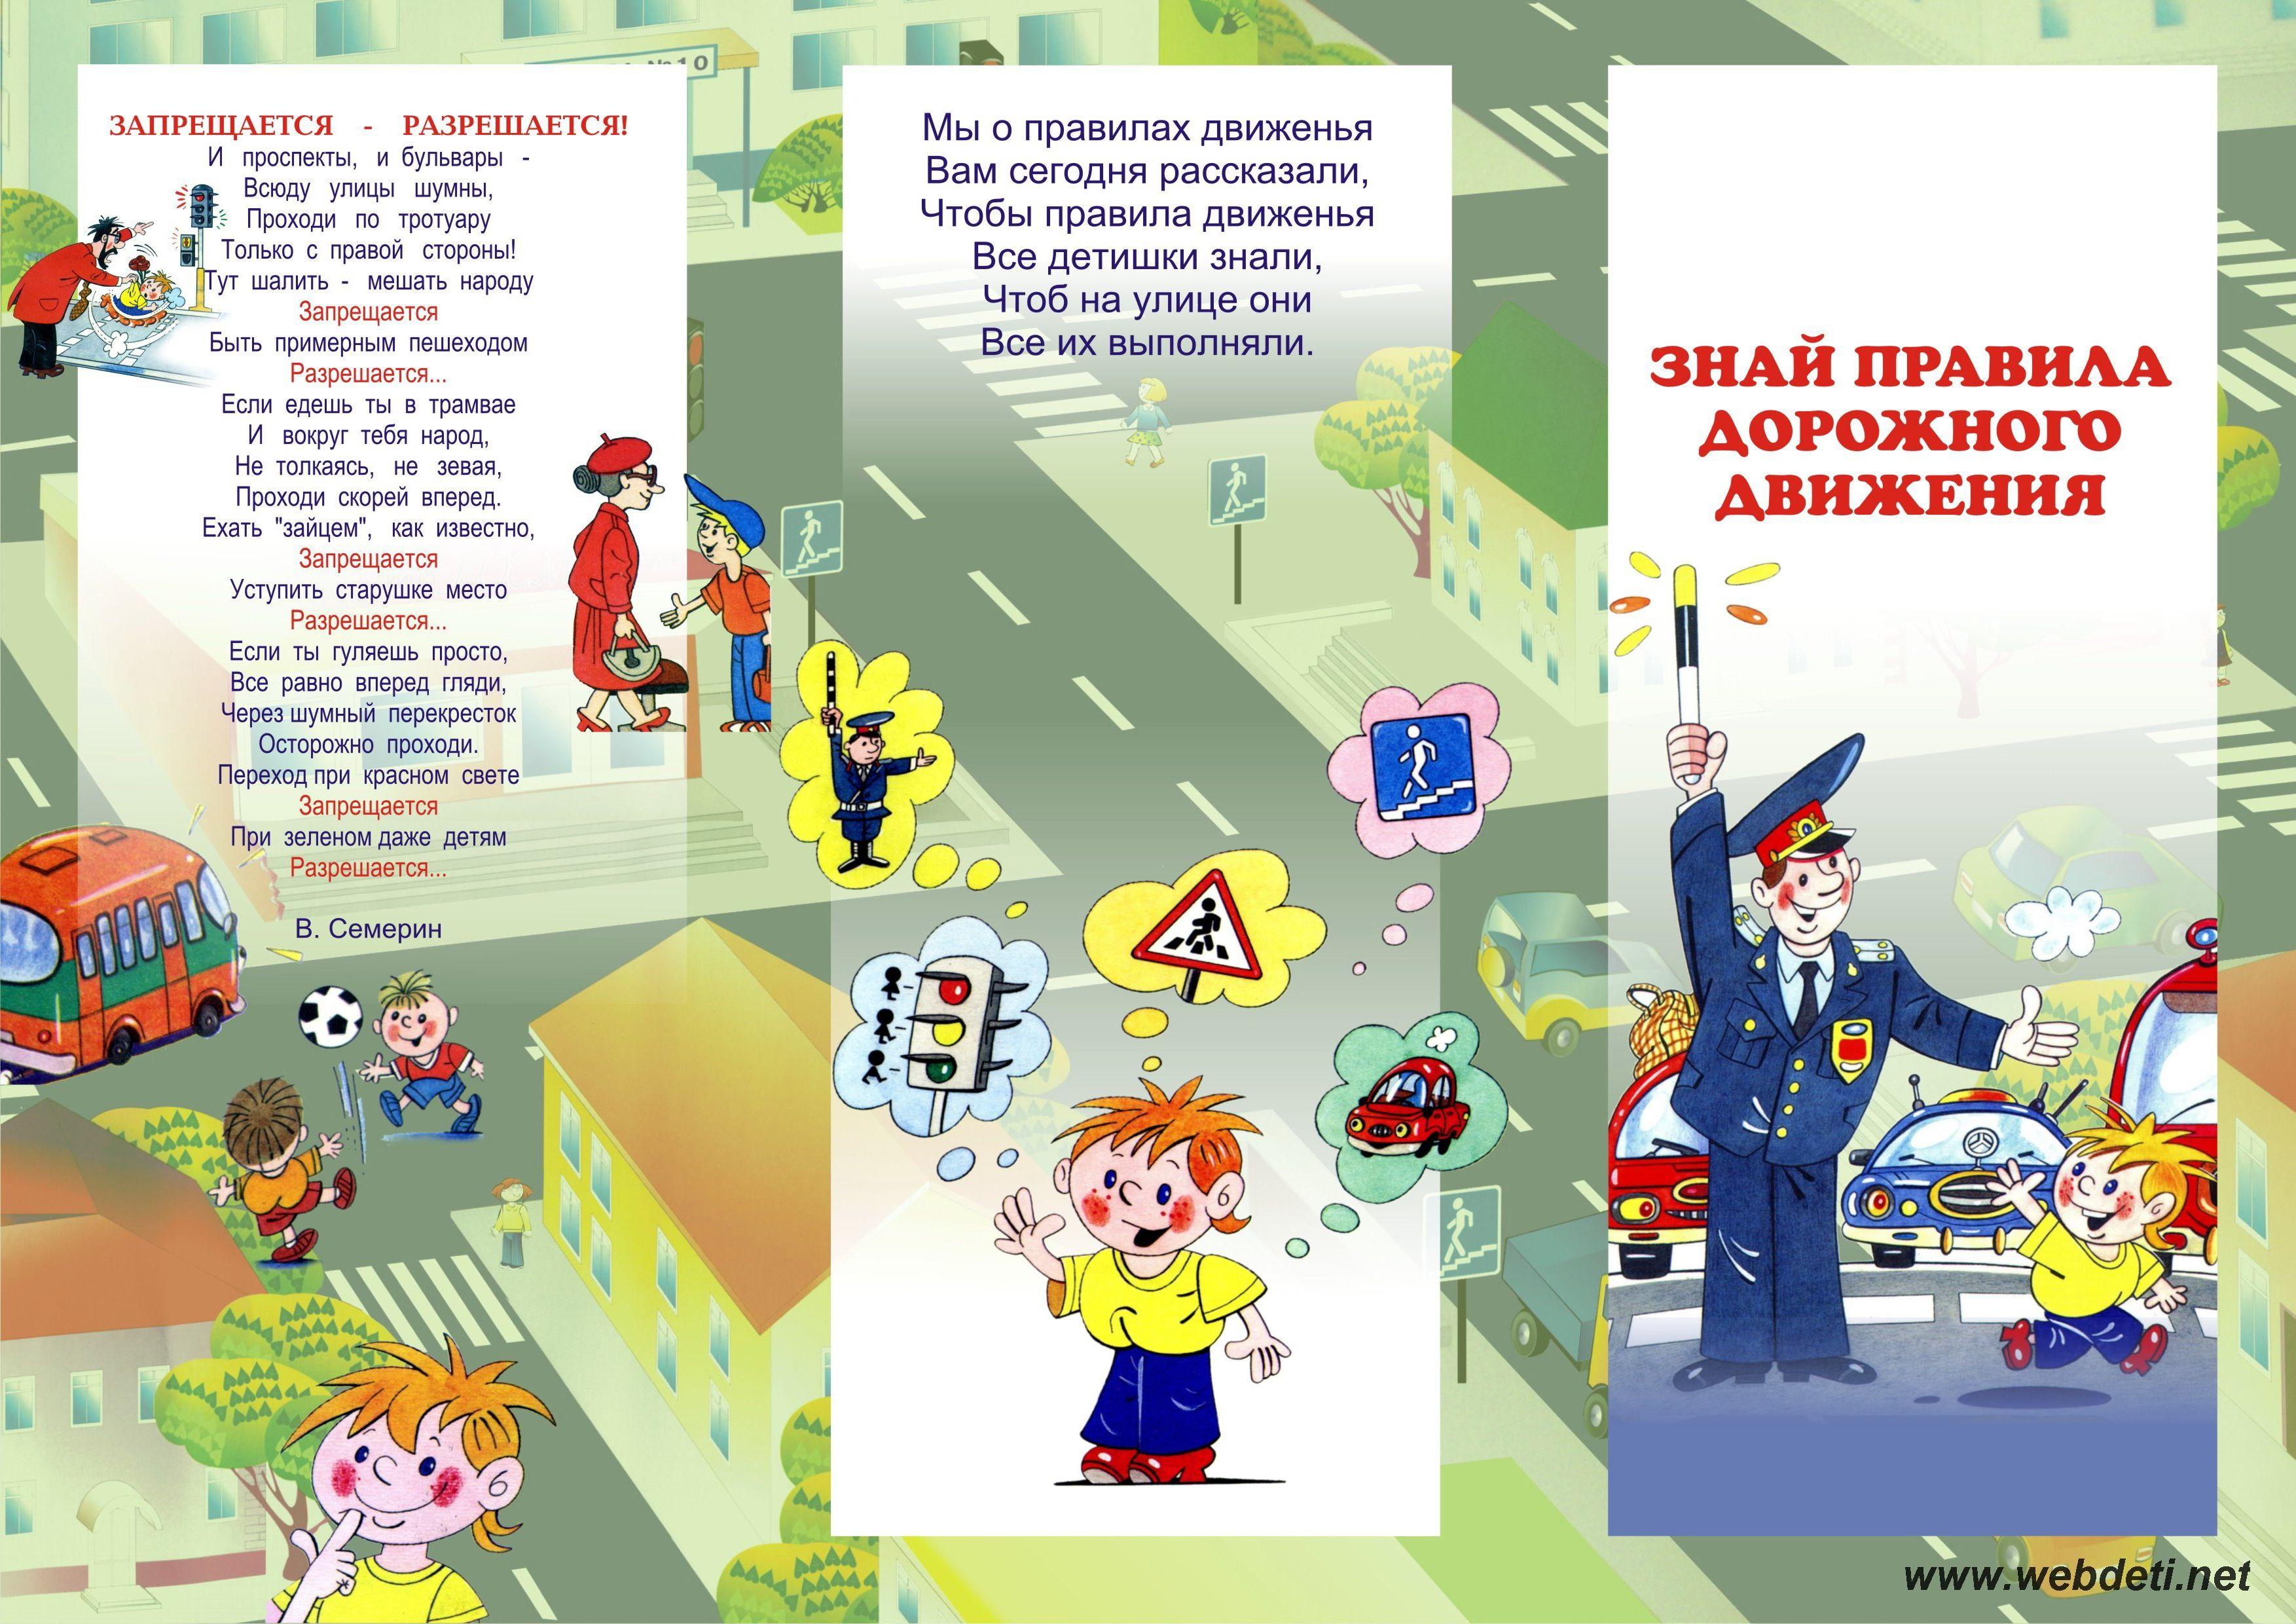 Правила дорожного движения для детей в картинках Развитие